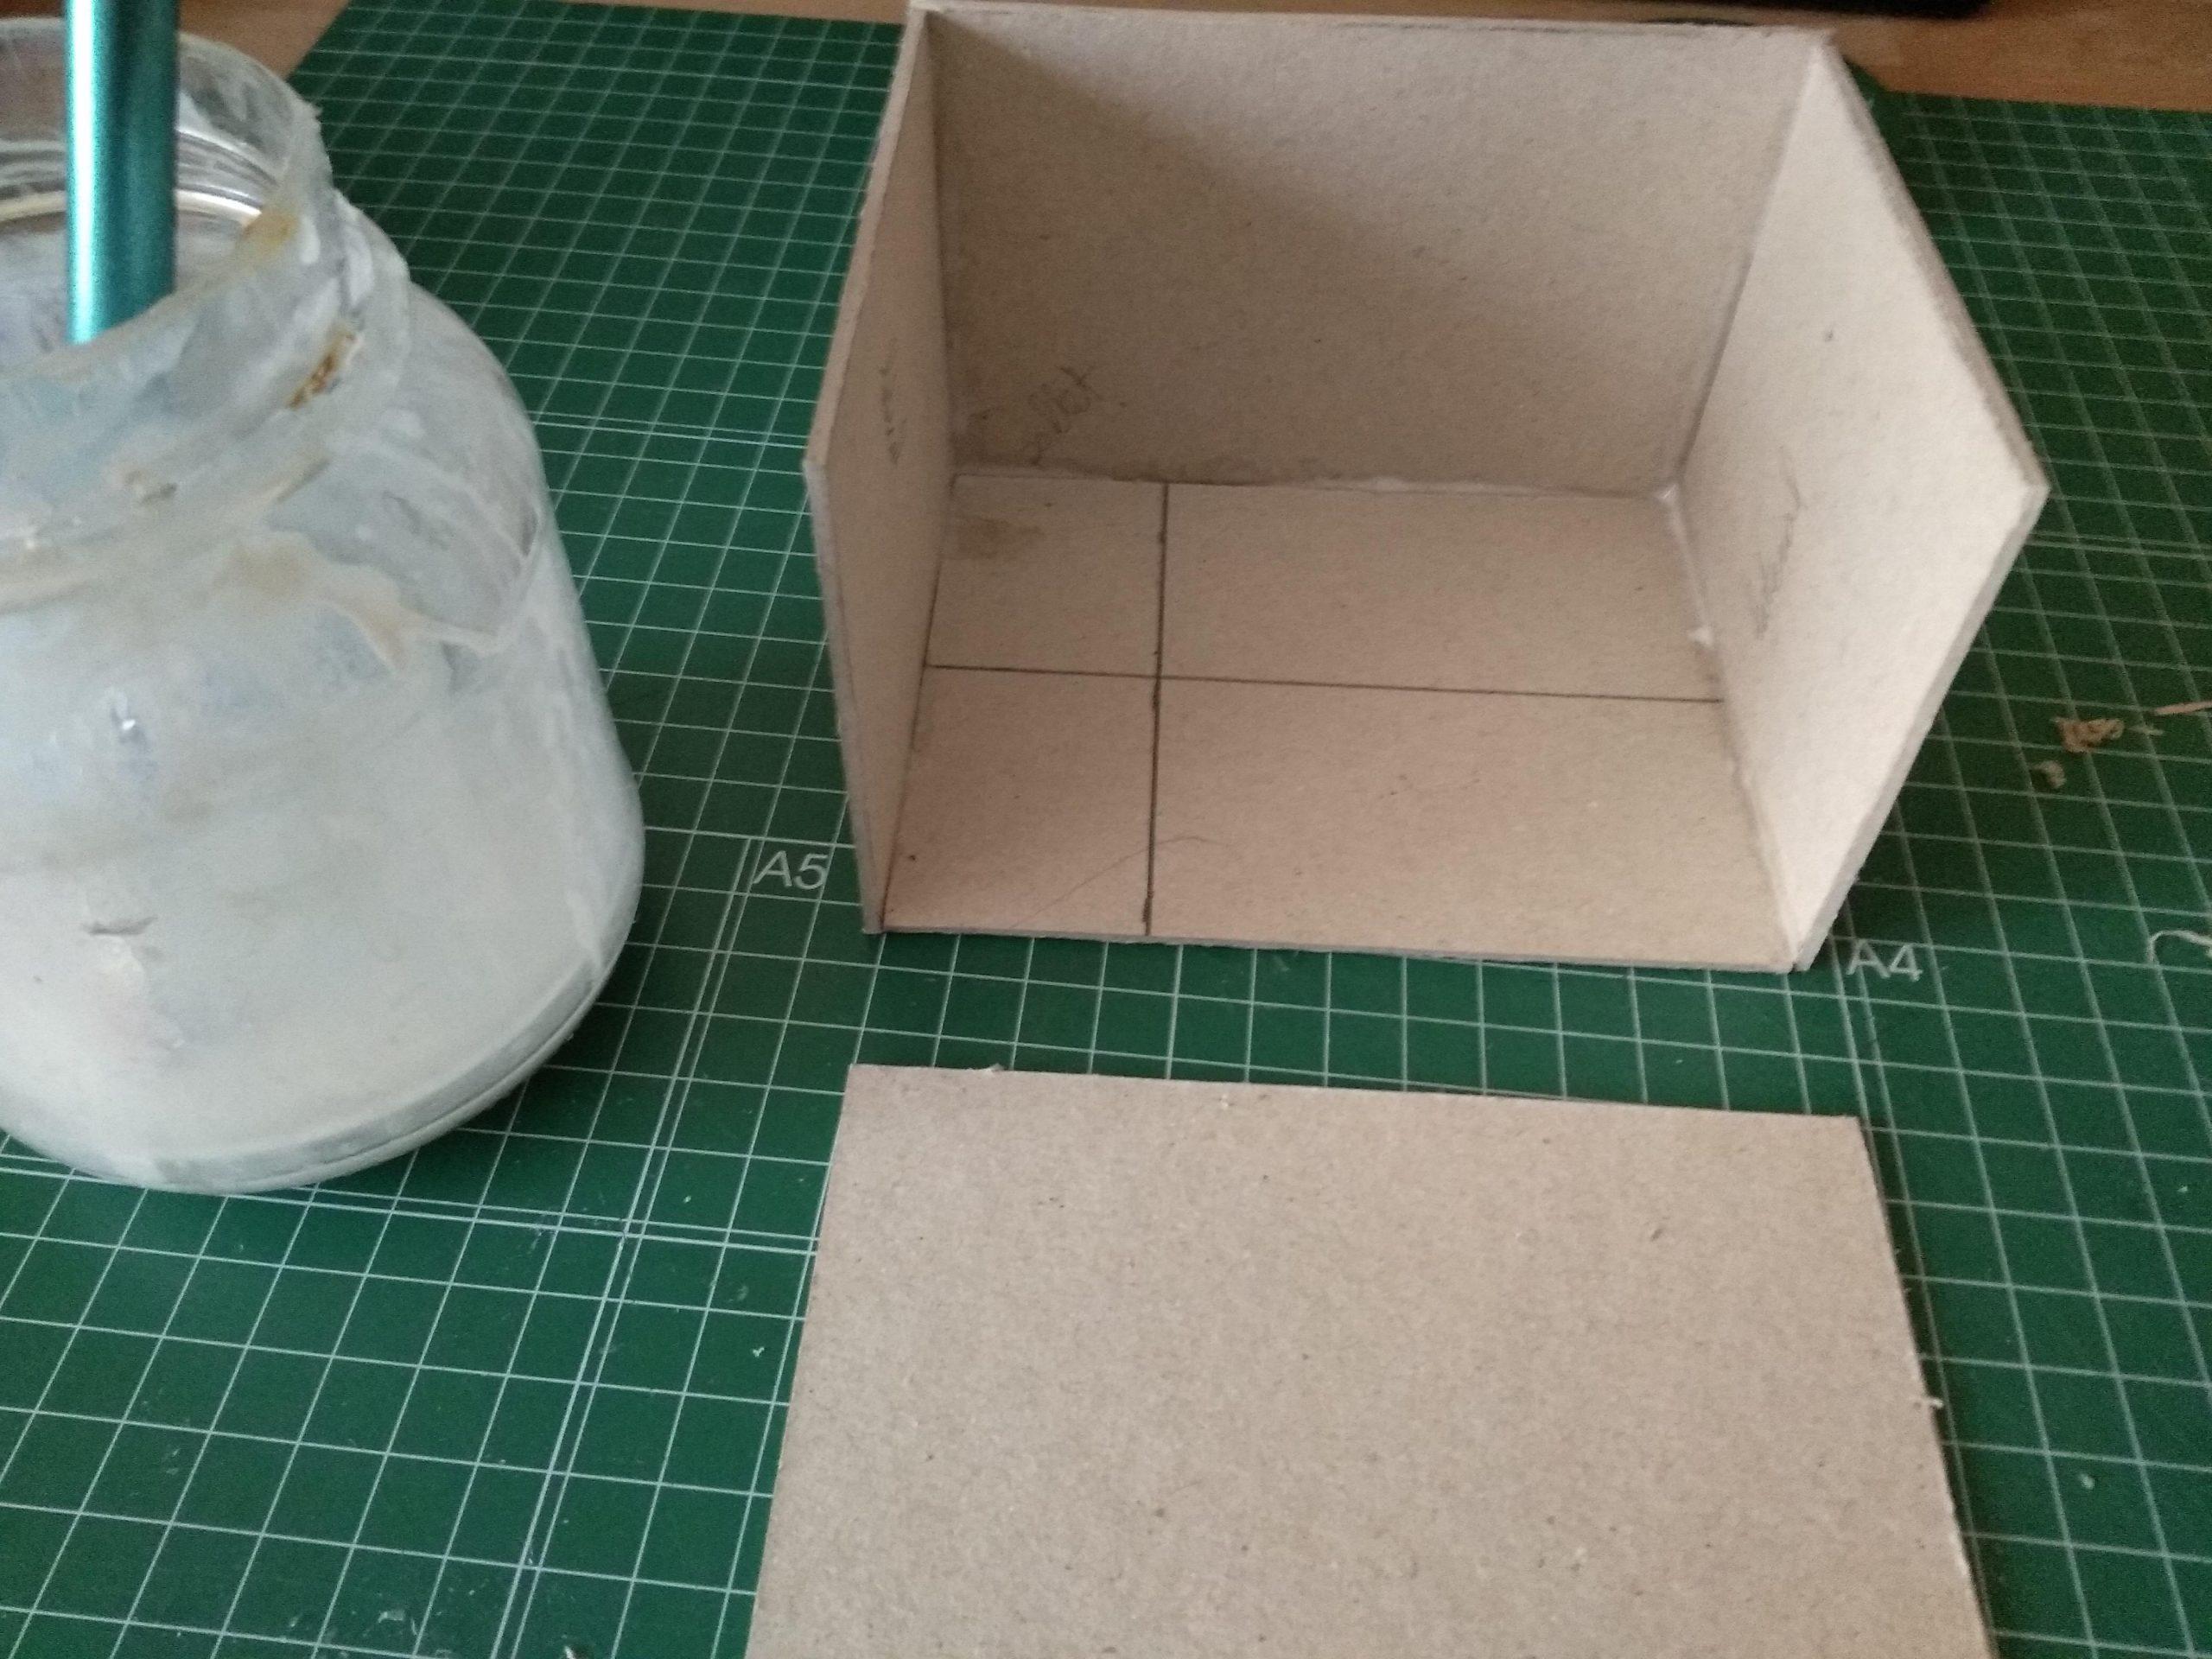 Paredes laterales y trasera pegadas al suelo base